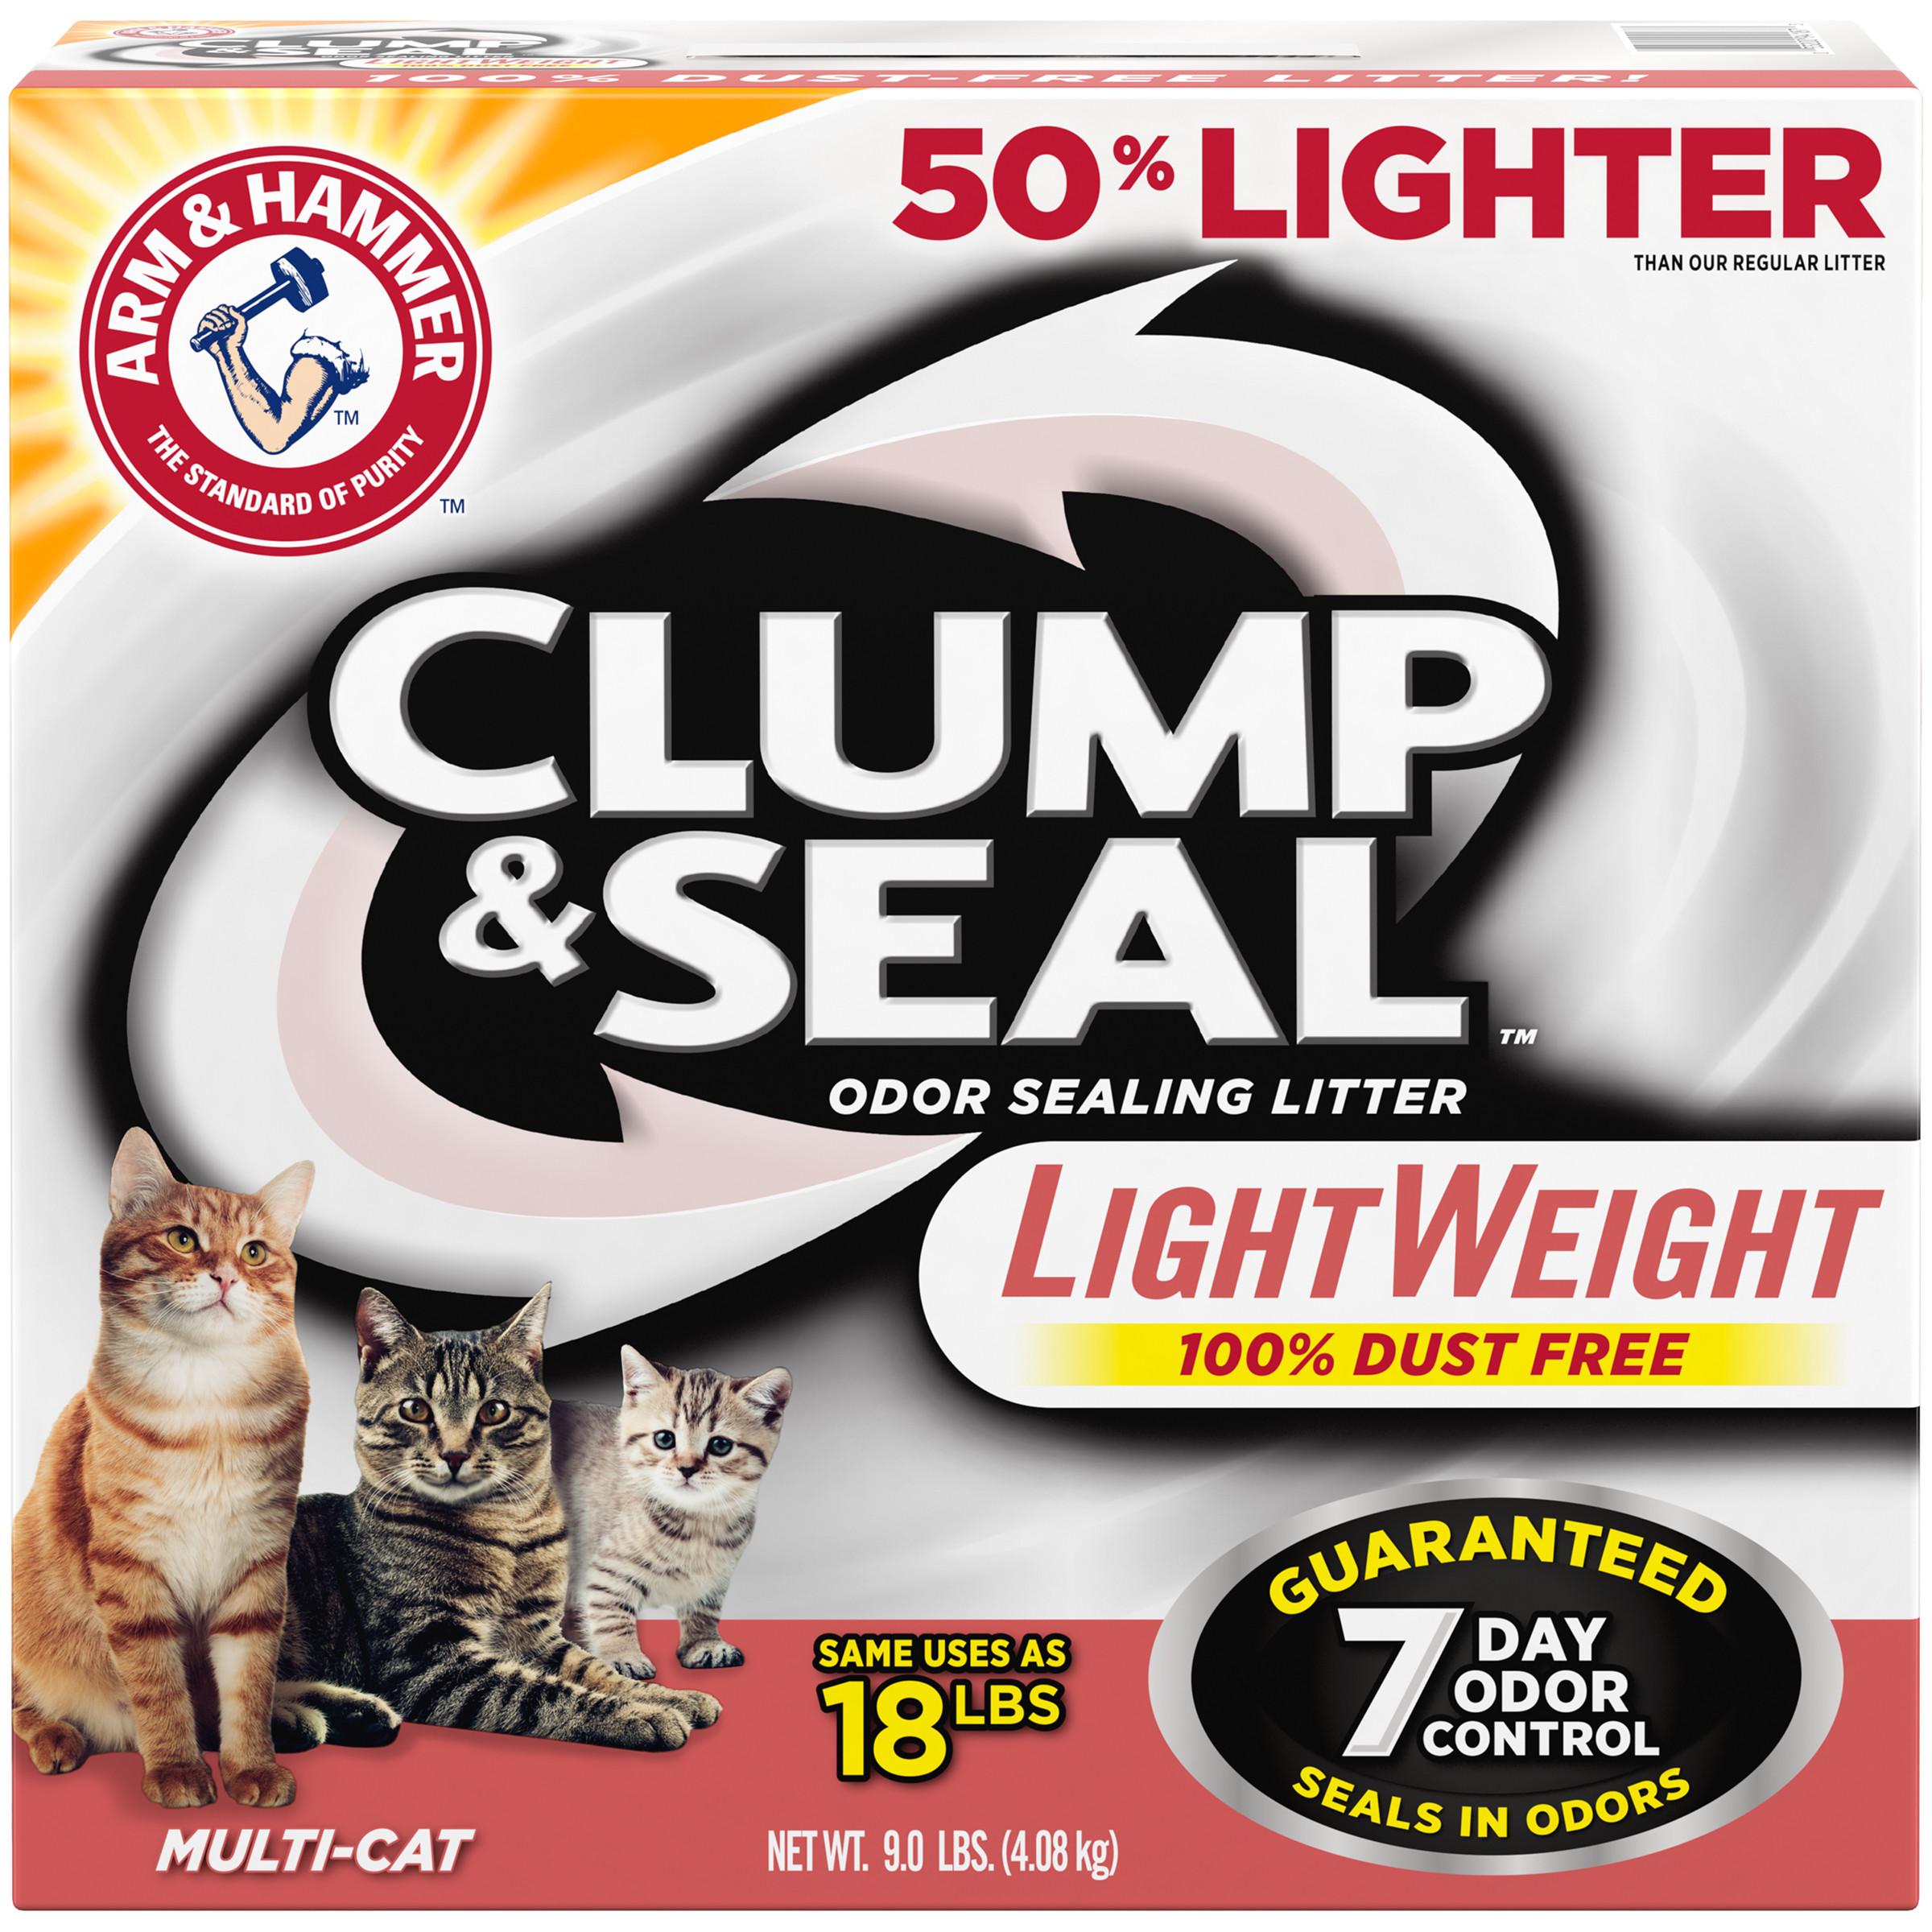 Arm & Hammer Clump & Seal Lightweight Litter, Multi-Cat 9 lb